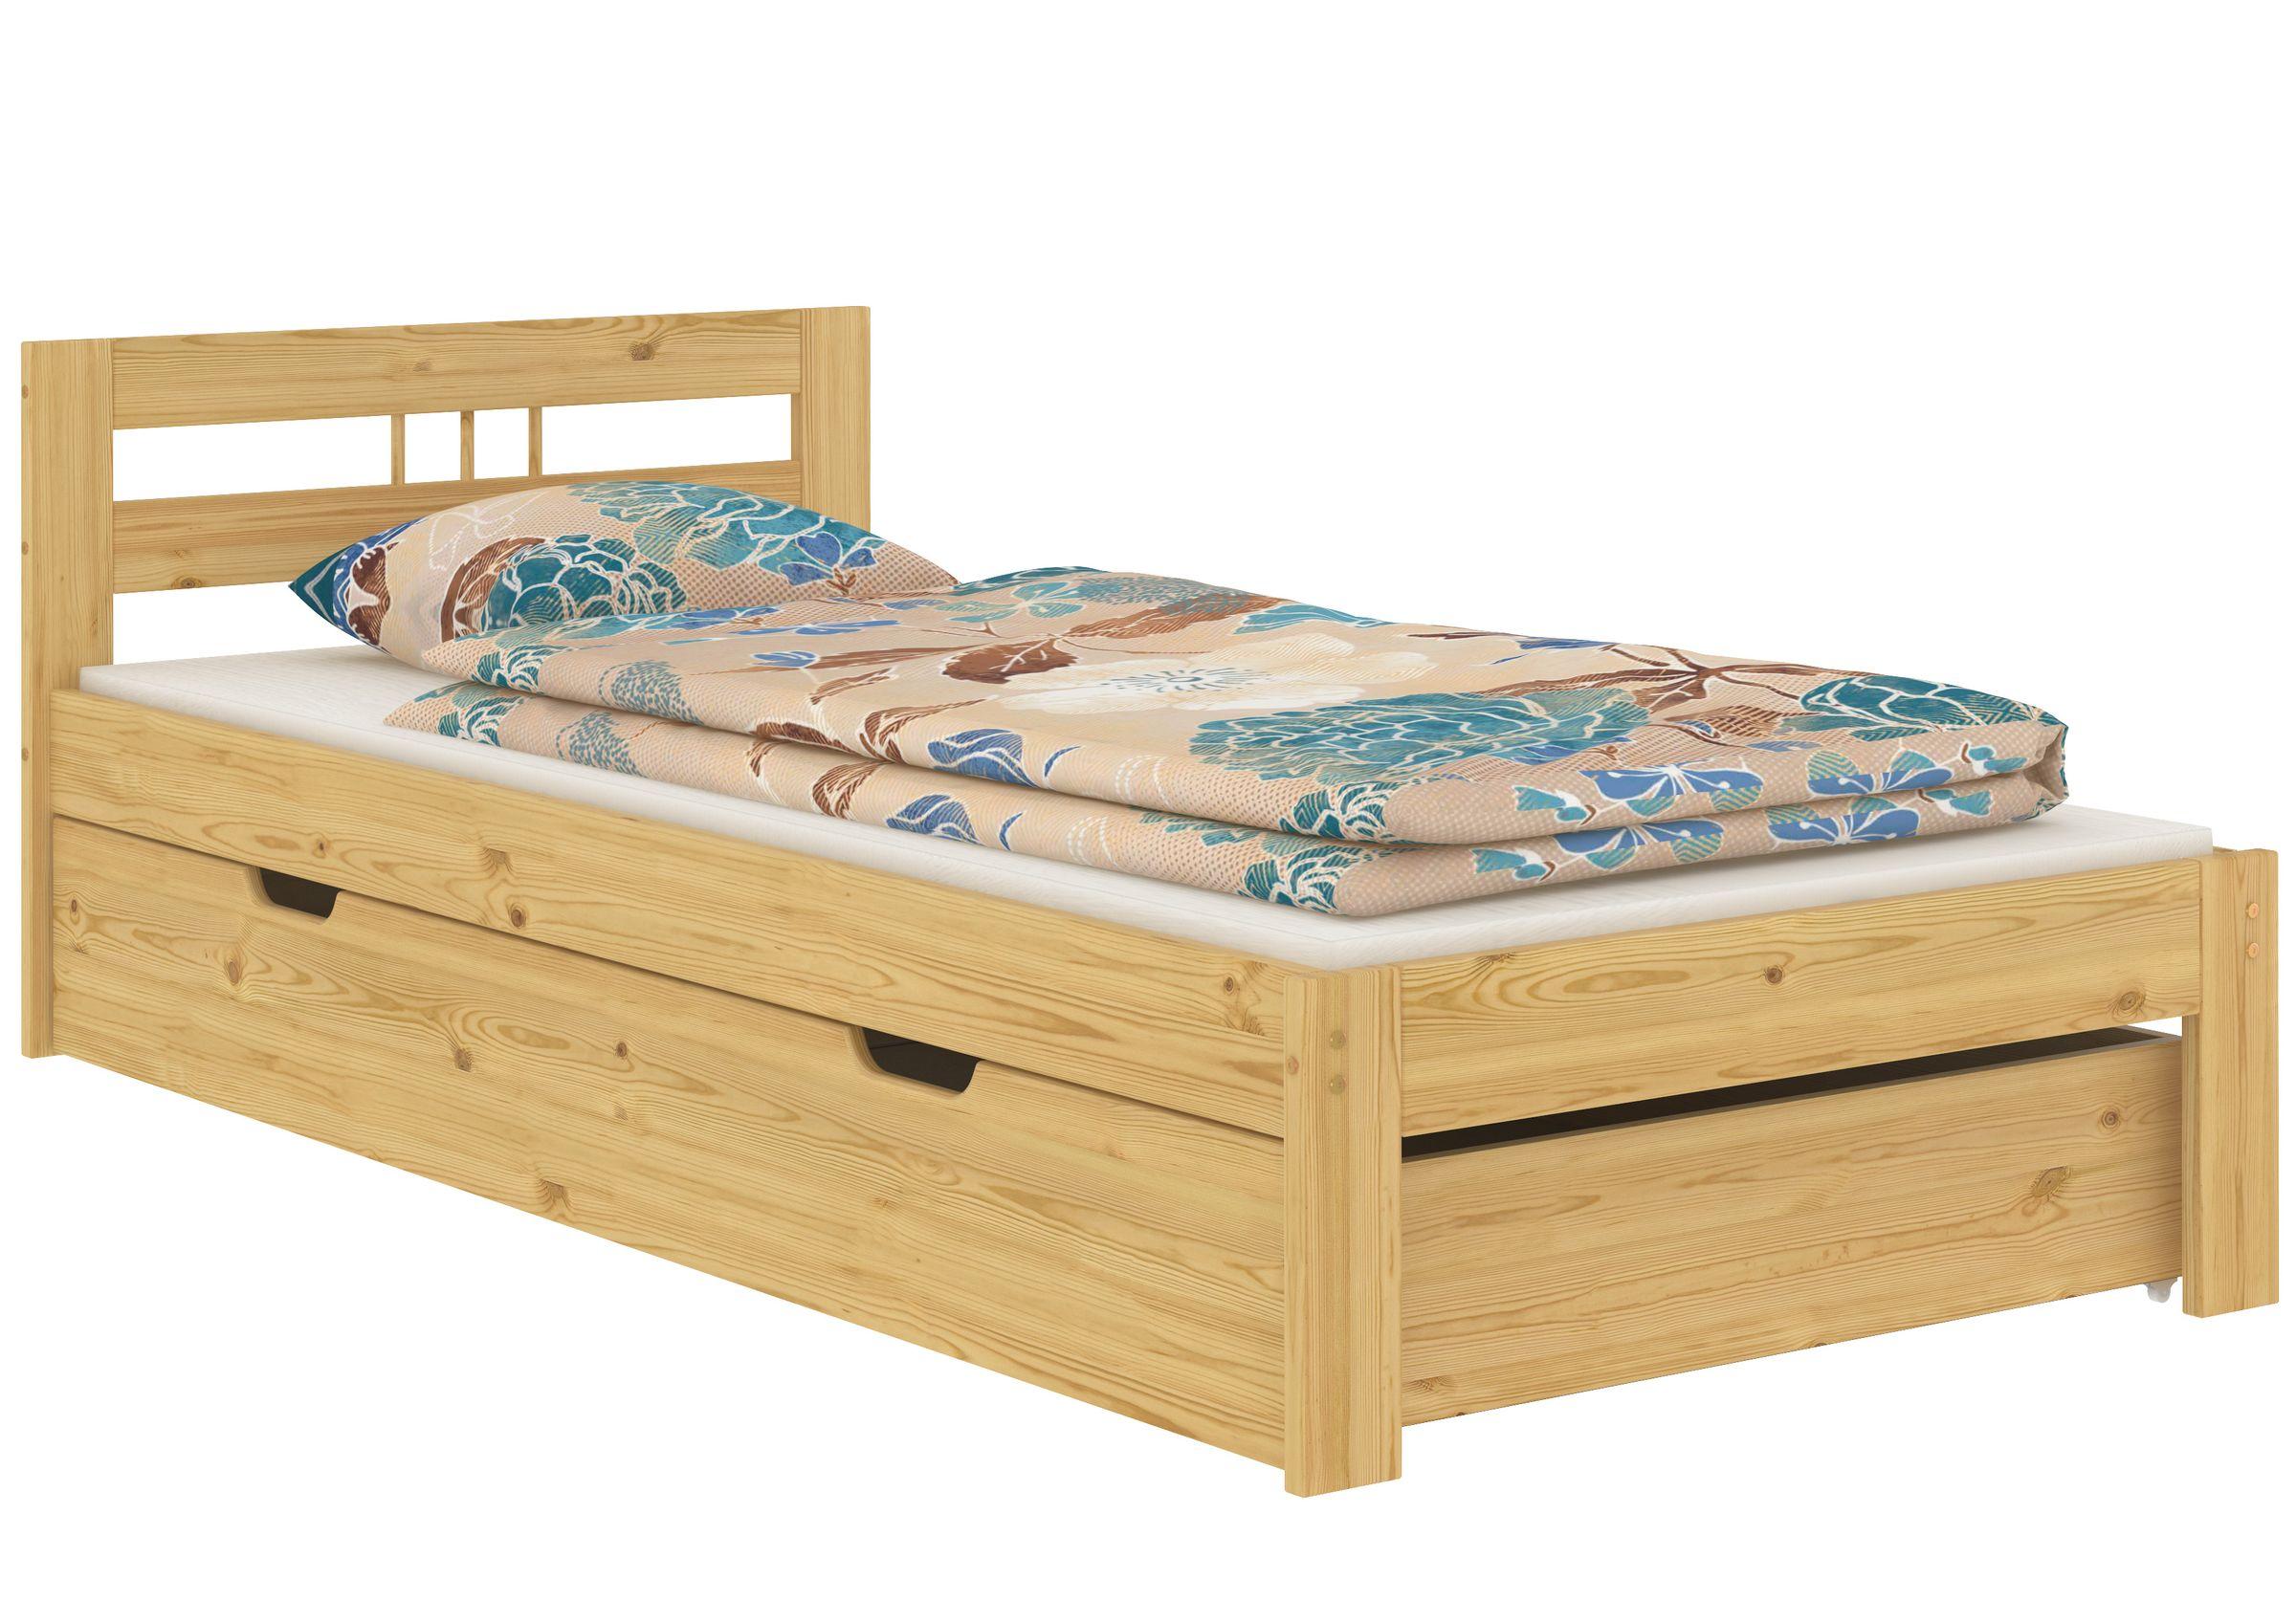 Full Size of Bett Naturholz 100x200 Zuhause Boxspring Betten Hasena Holz Rauch 180x200 Für Teenager Günstig Kaufen 140x200 Weiß Mit Aufbewahrung Weiße Billige Bett Betten 100x200